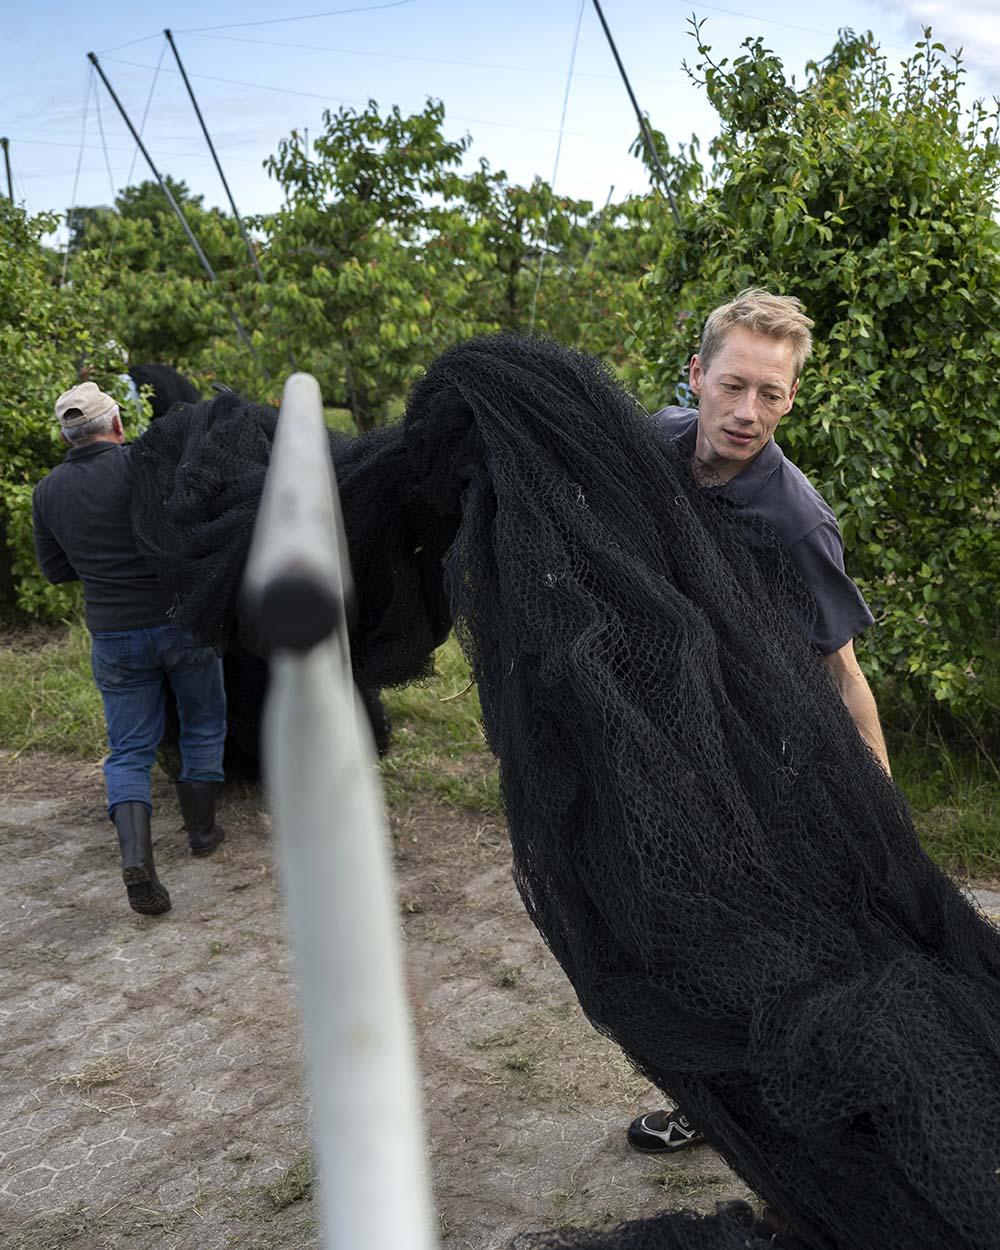 Kirsch-Ernte auf dem Obsthof Lefers: Cord, der den Familienbetrieb in achter Generation leitet, rollt die Netze aus, die gleich die Kirschbäume bedecken sollen.